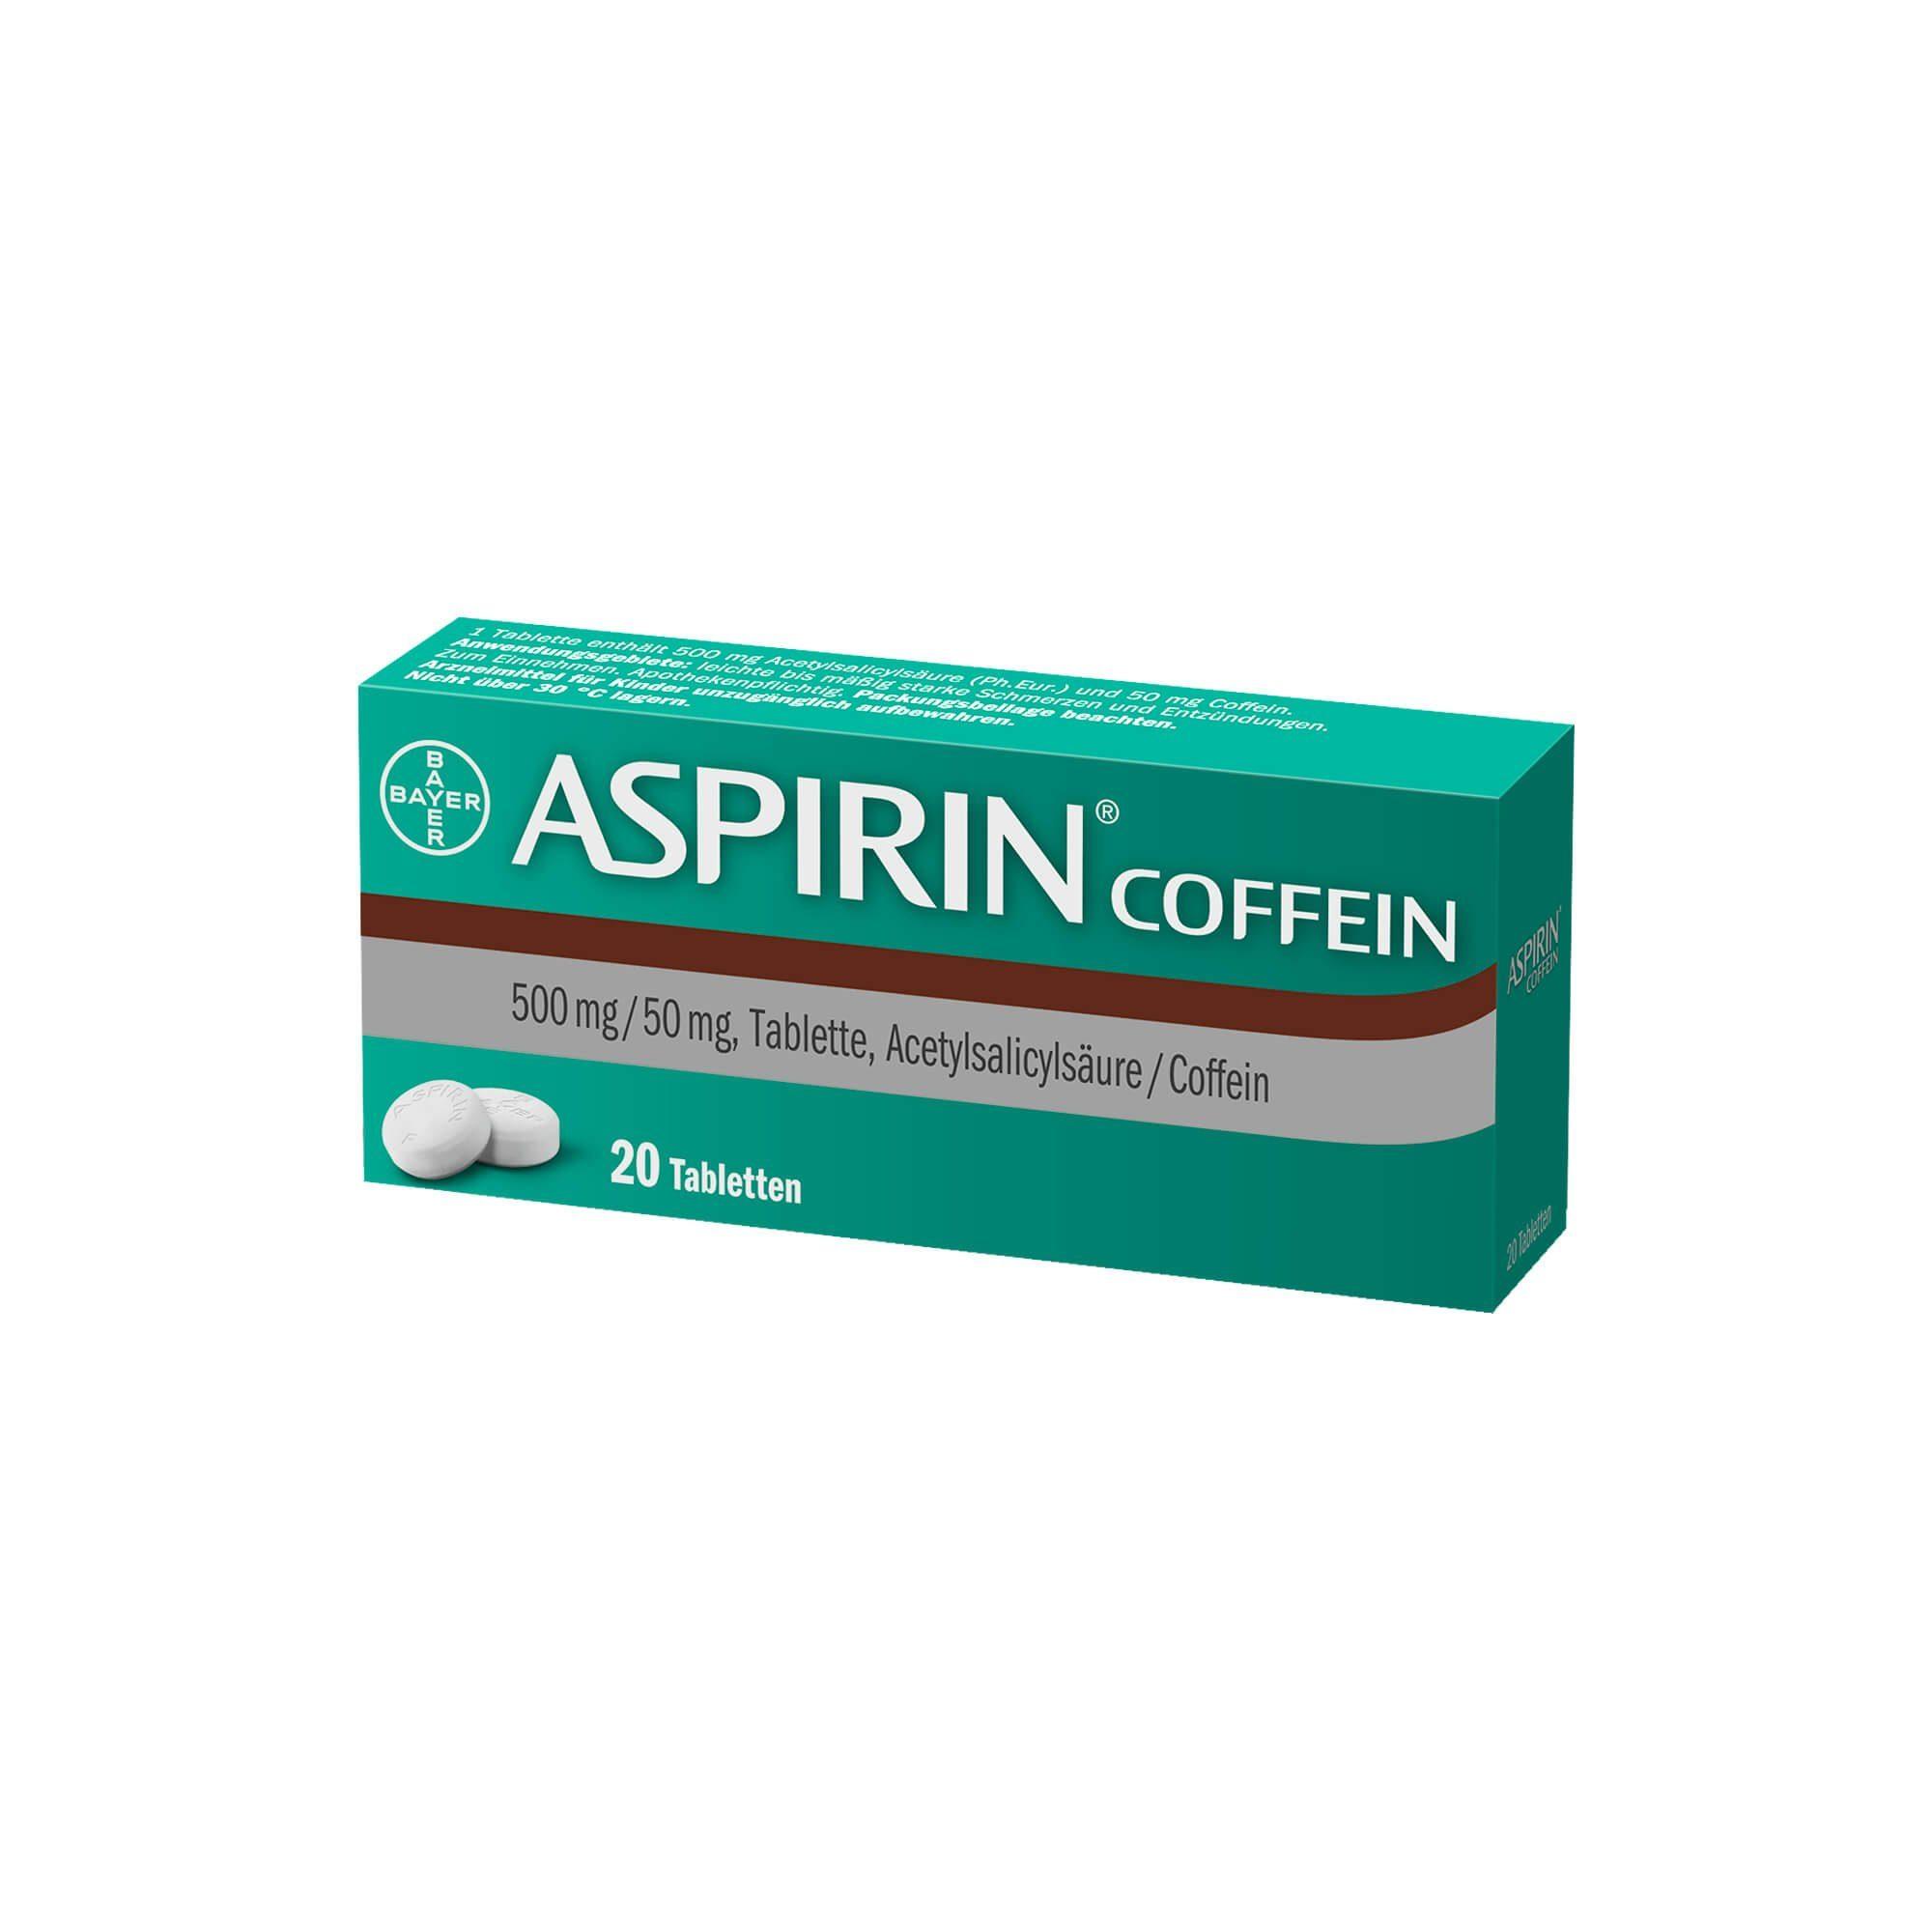 Aspirin Aspirin Coffein Tabletten , 20 St